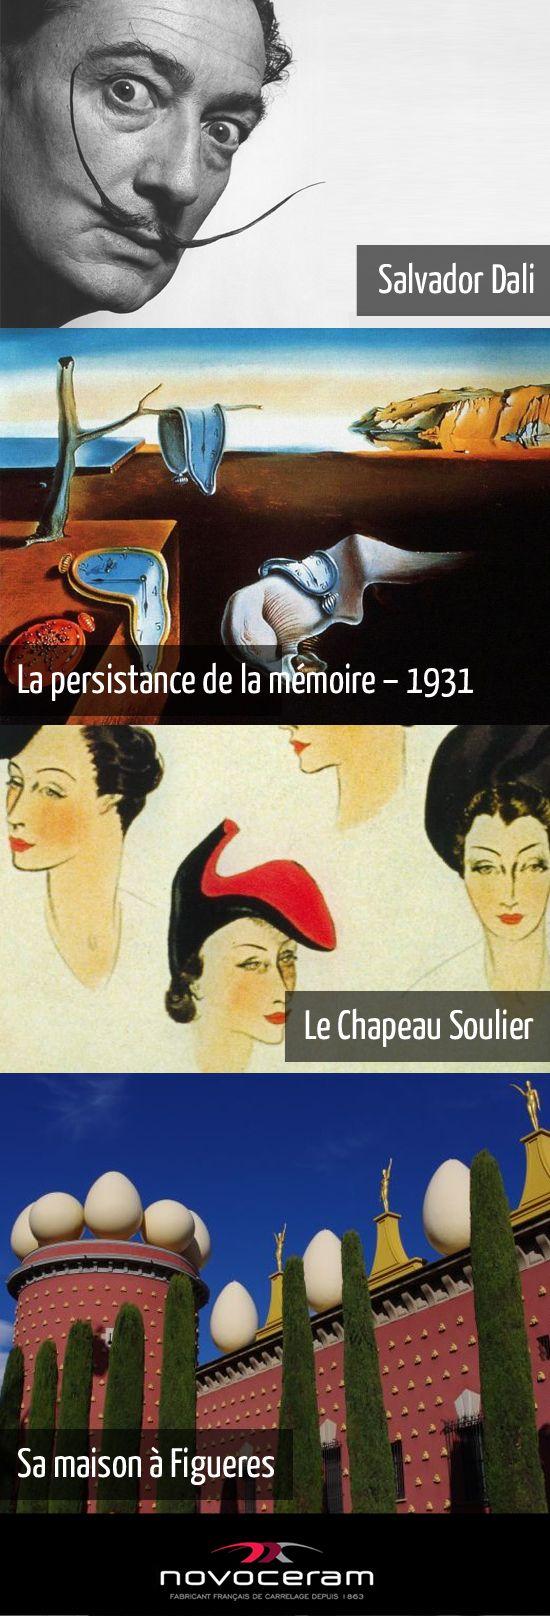 Hommage au personnage le plus épique et engagé du XXème siècle, Salvador #Dali, dont l'oeuvre prolifique, à la fois controversée et populaire, compte parmi les plus importantes du mouvement surréaliste. Plus d'informations : http://www.novoceram.fr/blog/news/dali-au-centre-pompidou #DESIGN #ARCHITECTURE #SalvadorDali